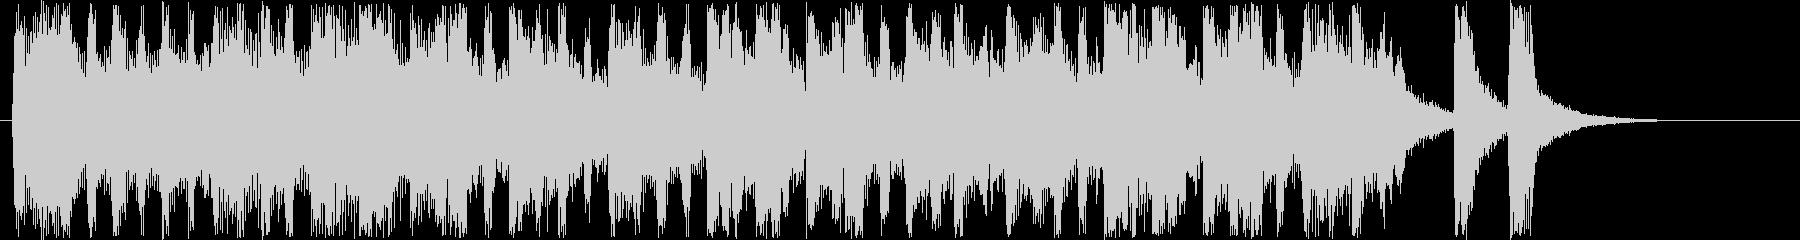 メルヘンなシンセサウンド短めの未再生の波形